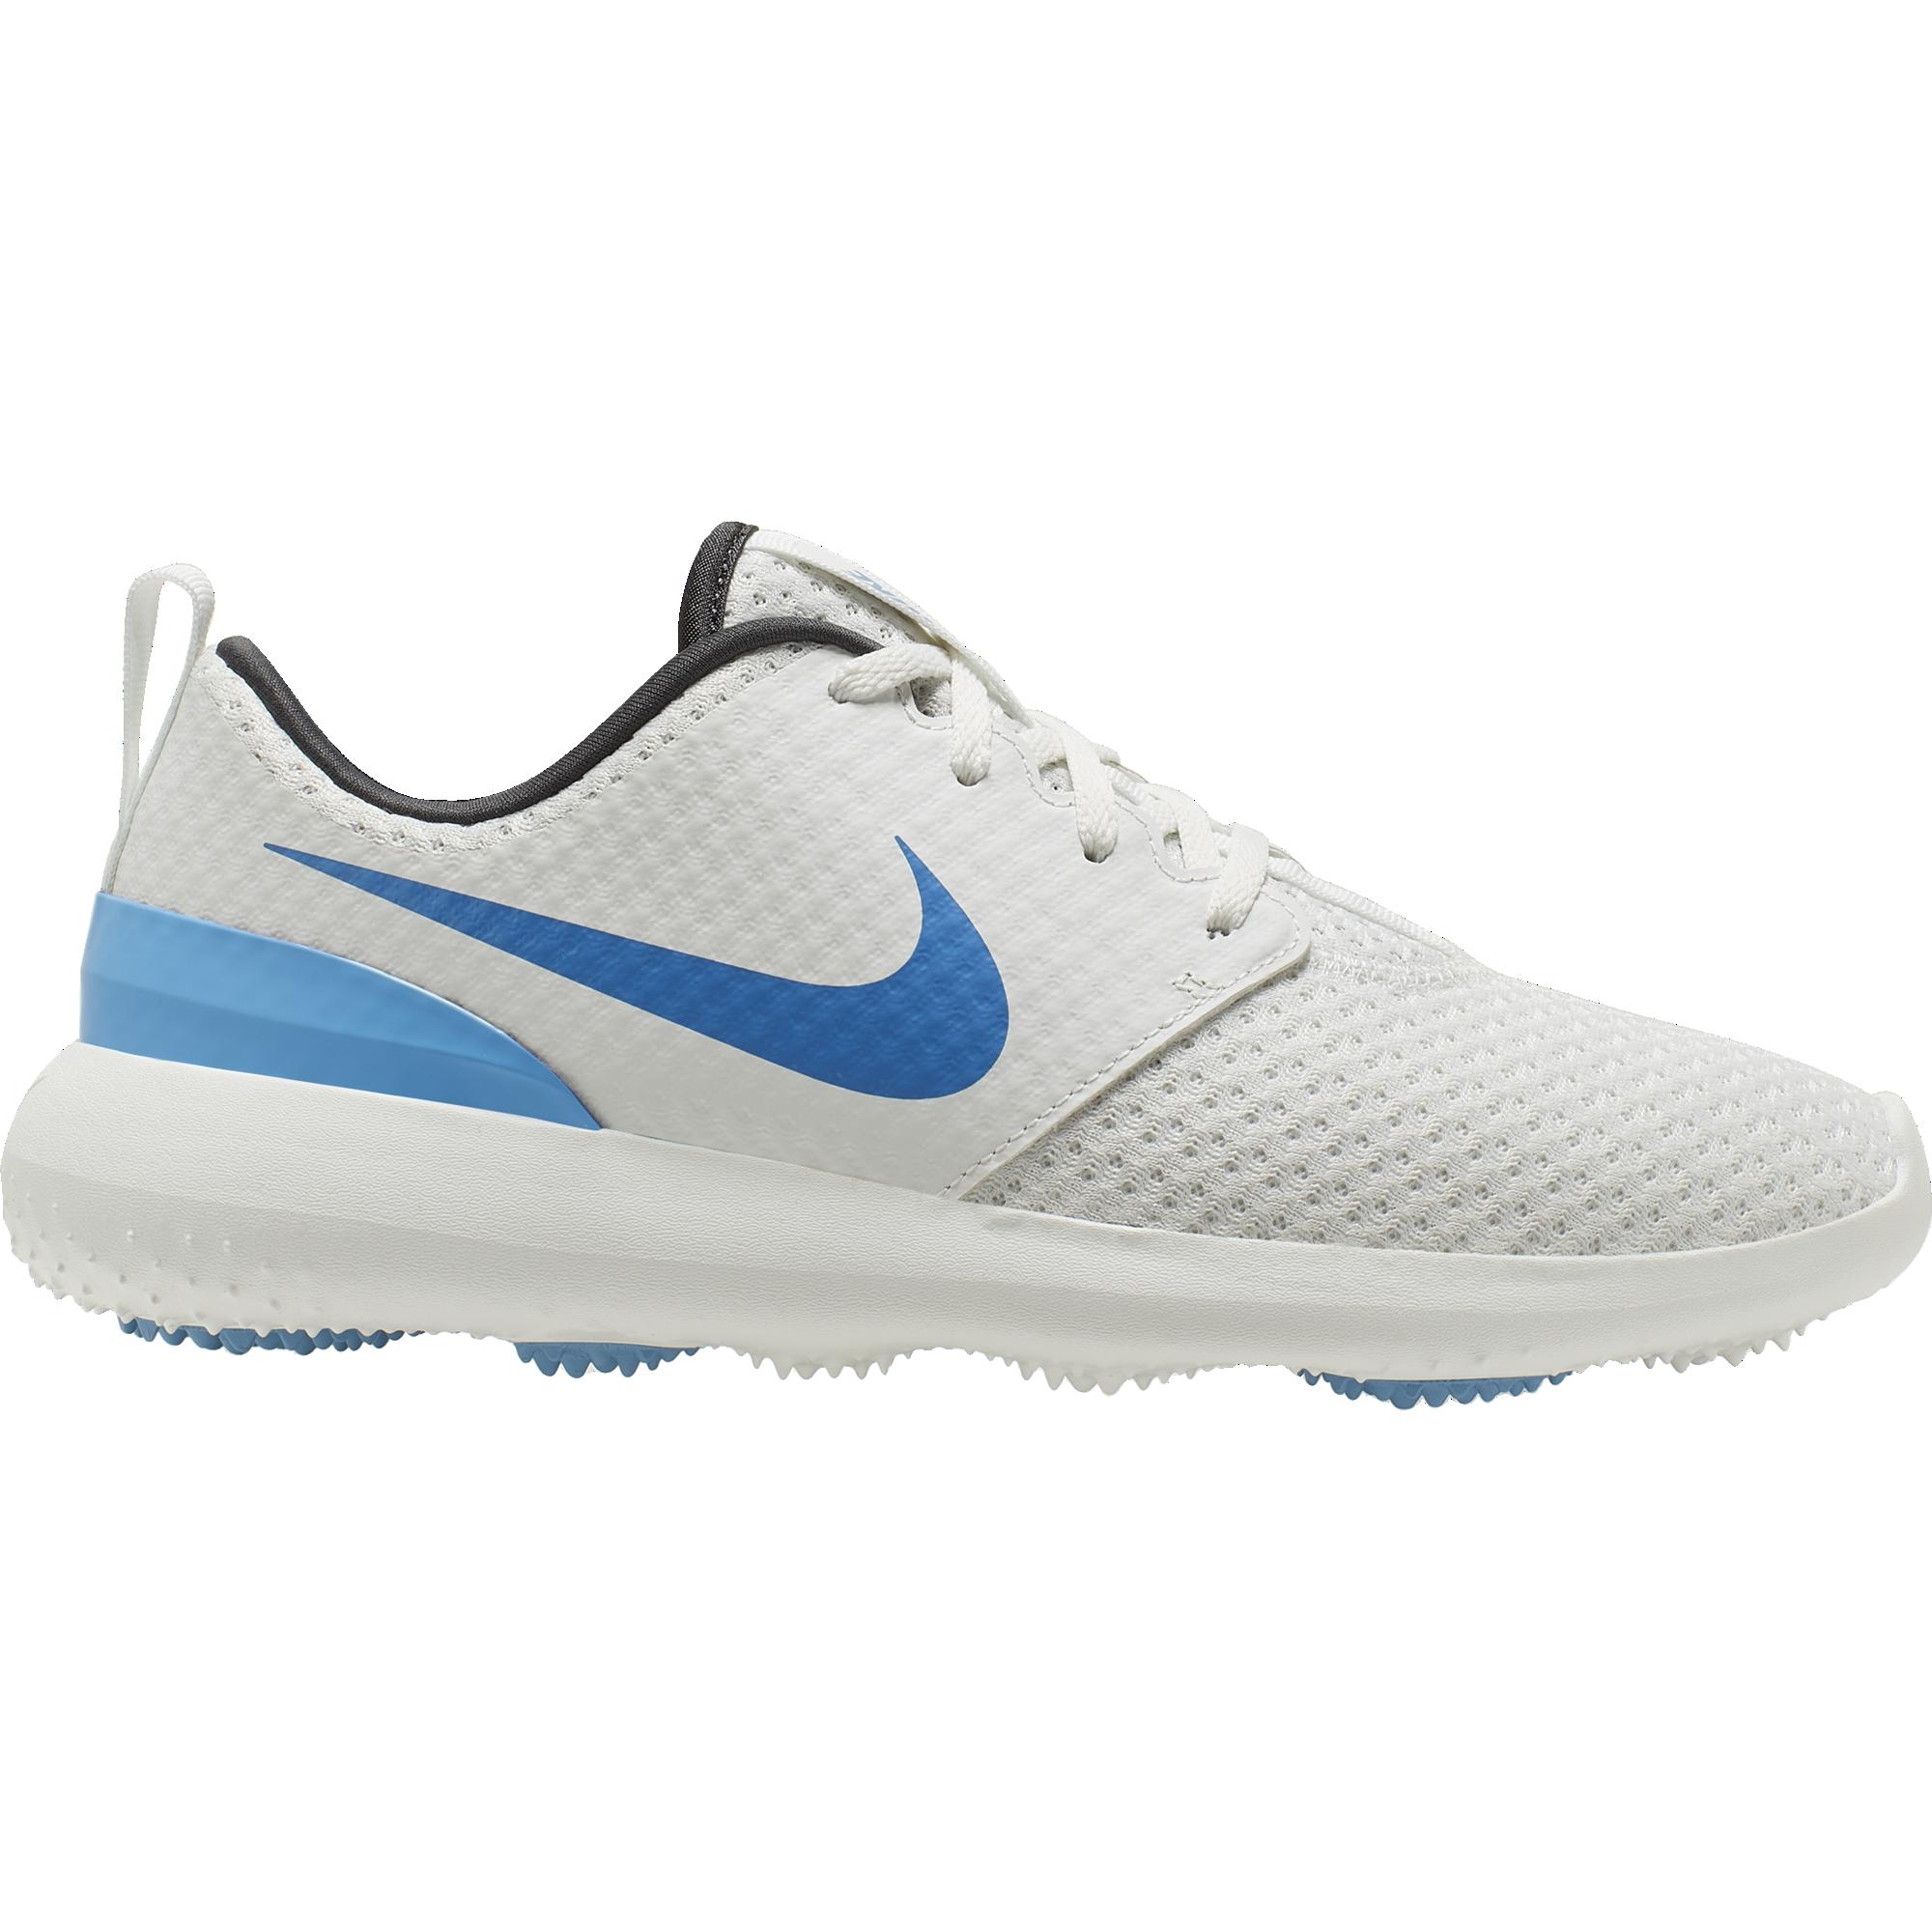 Nike Roshe G Men's Golf Shoe - White